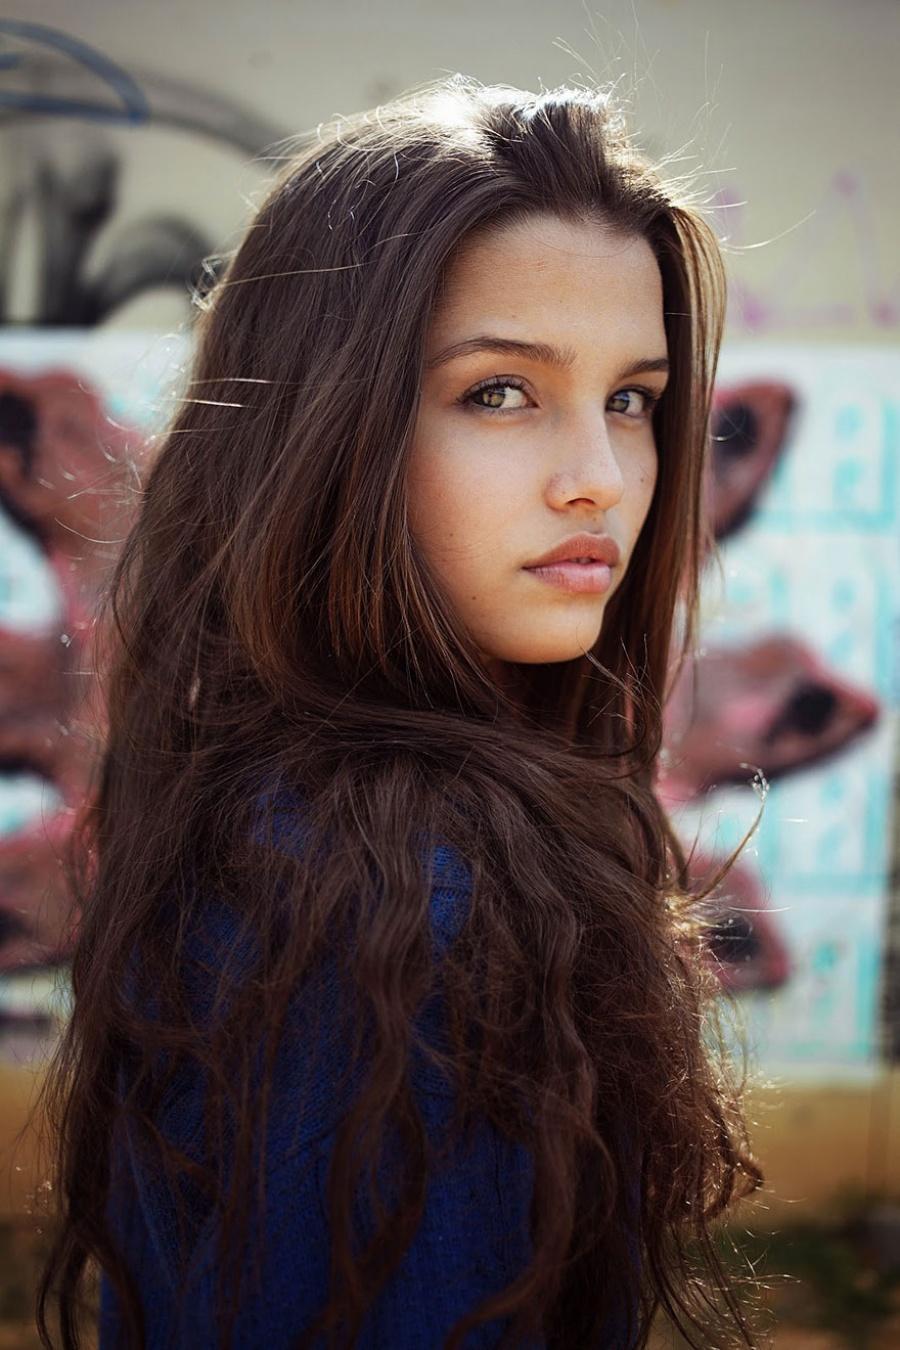 Фото красивых девушек таджикистана 14 фотография